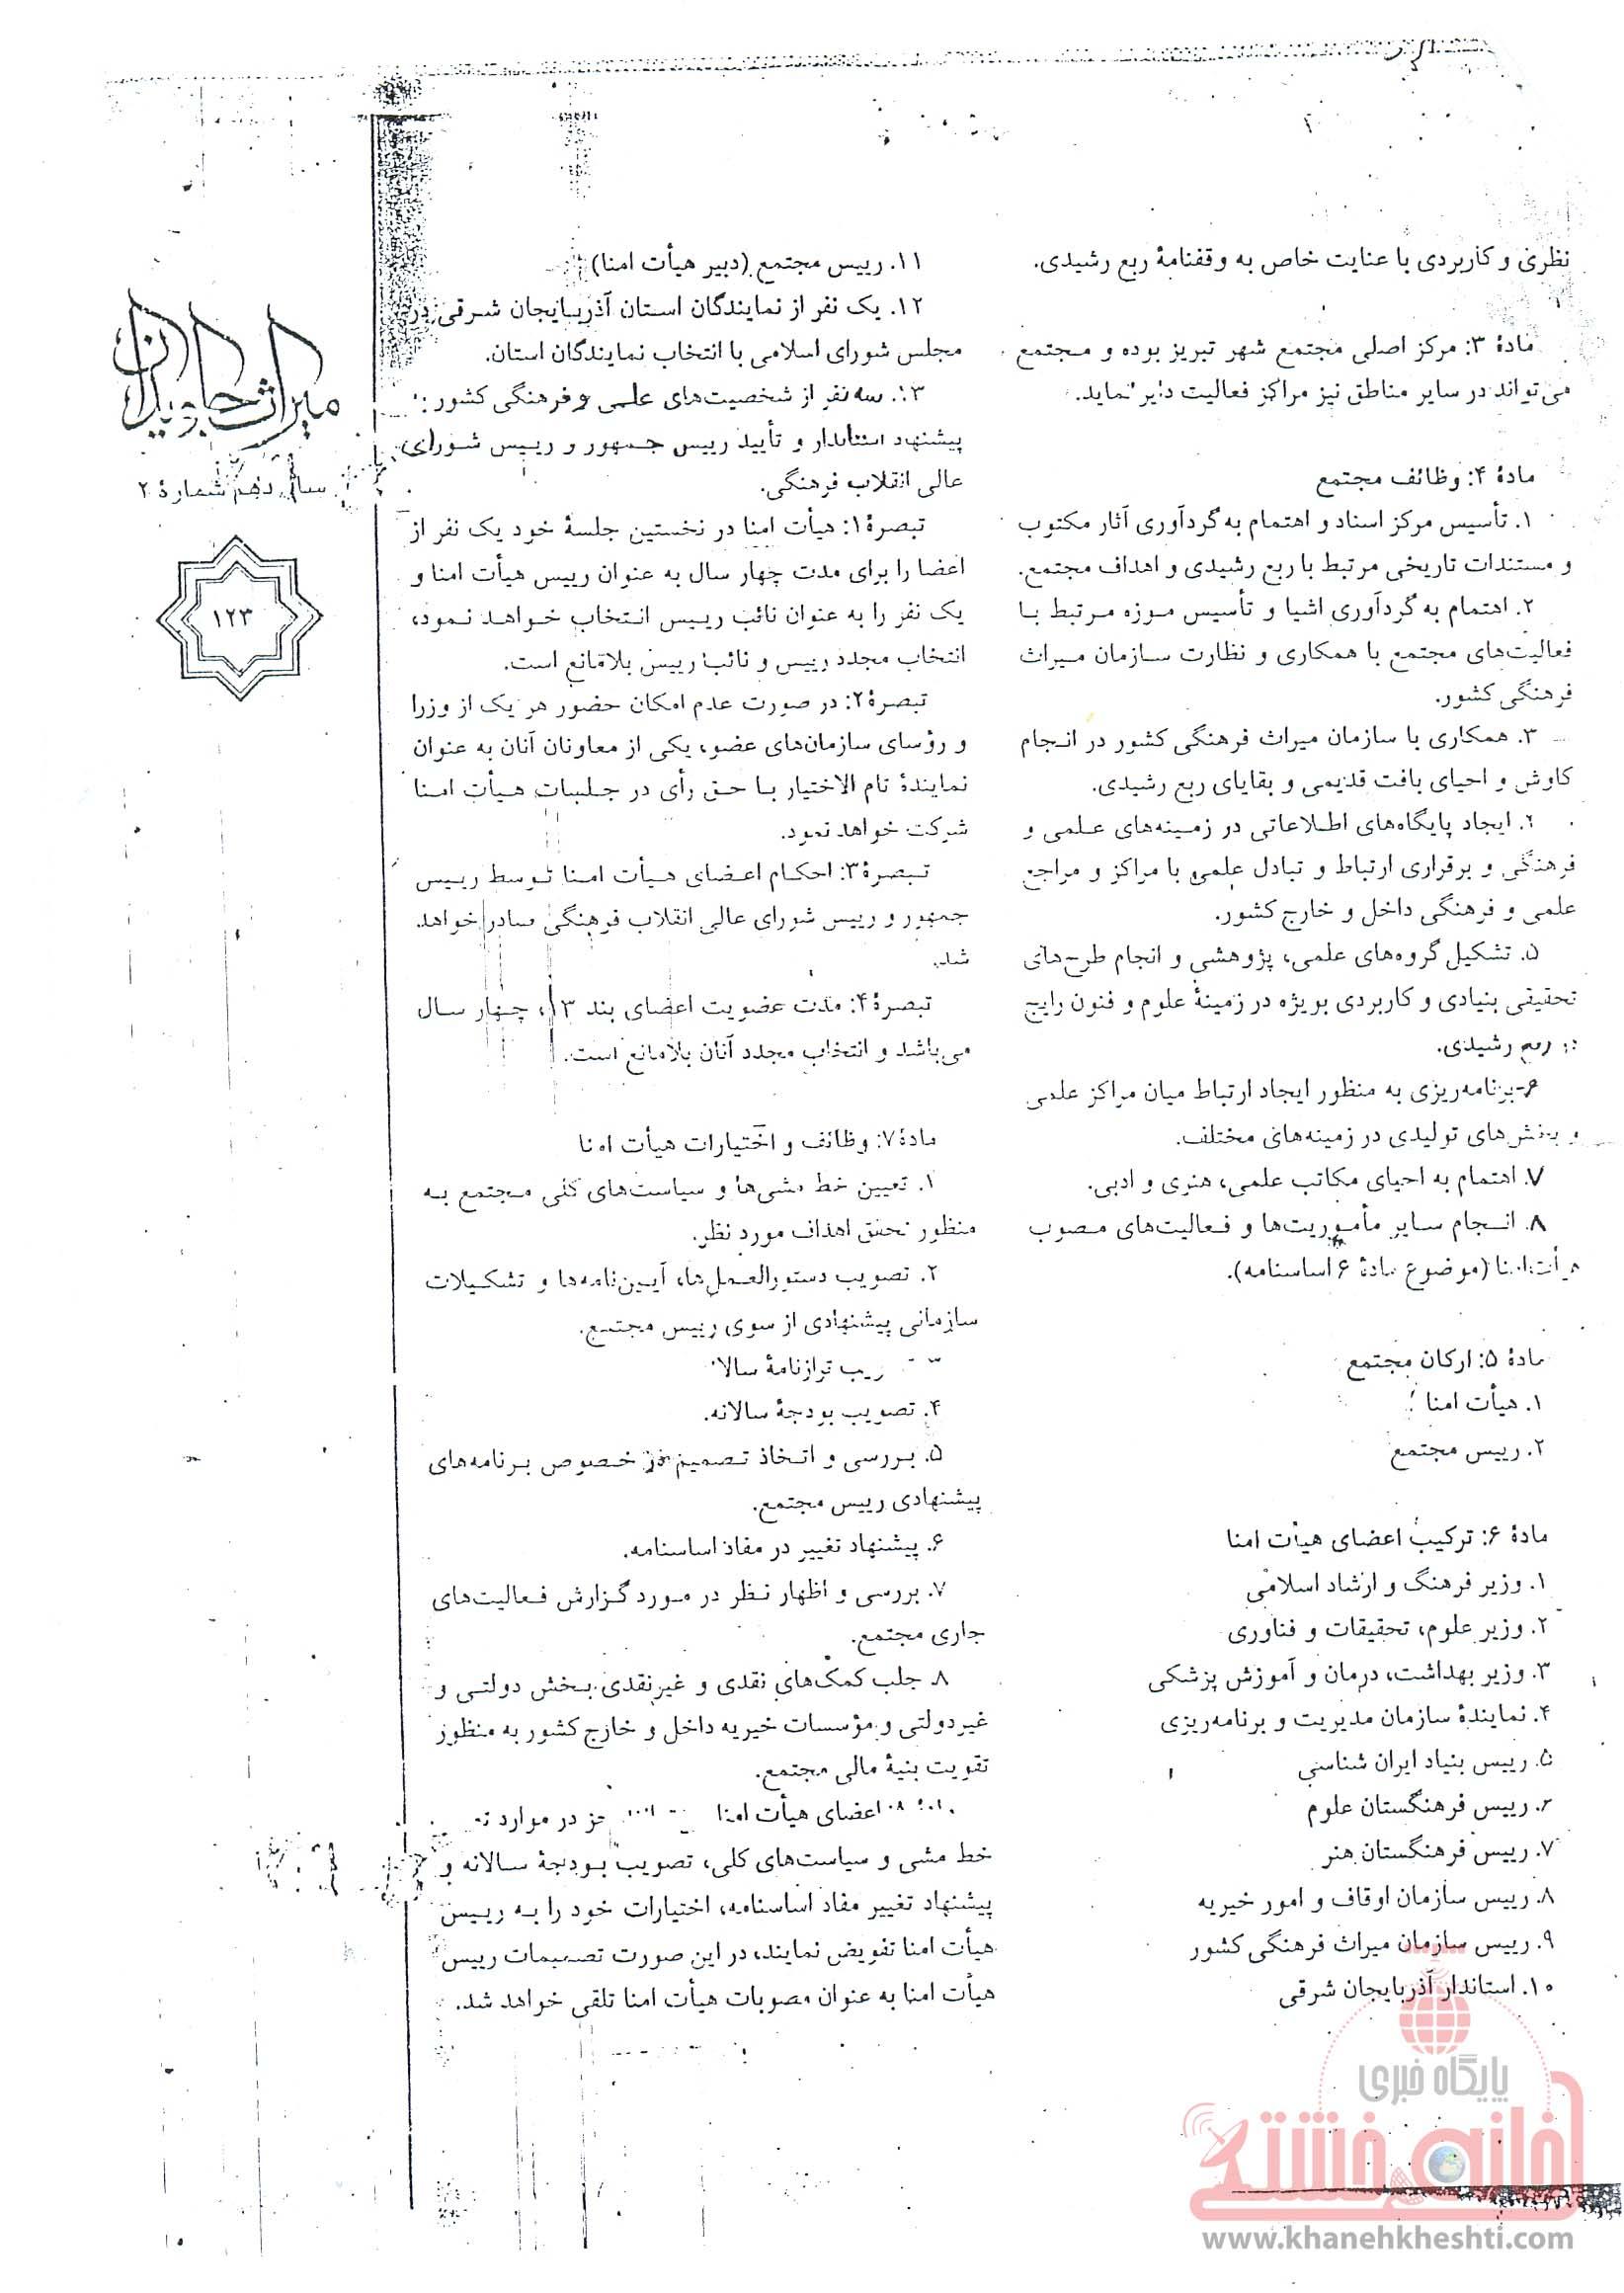 اساسنامه موقوفه ربع رشیدی مصوب شورای عالی انقلاب فرهنگی در تاریخ 851381 (3)